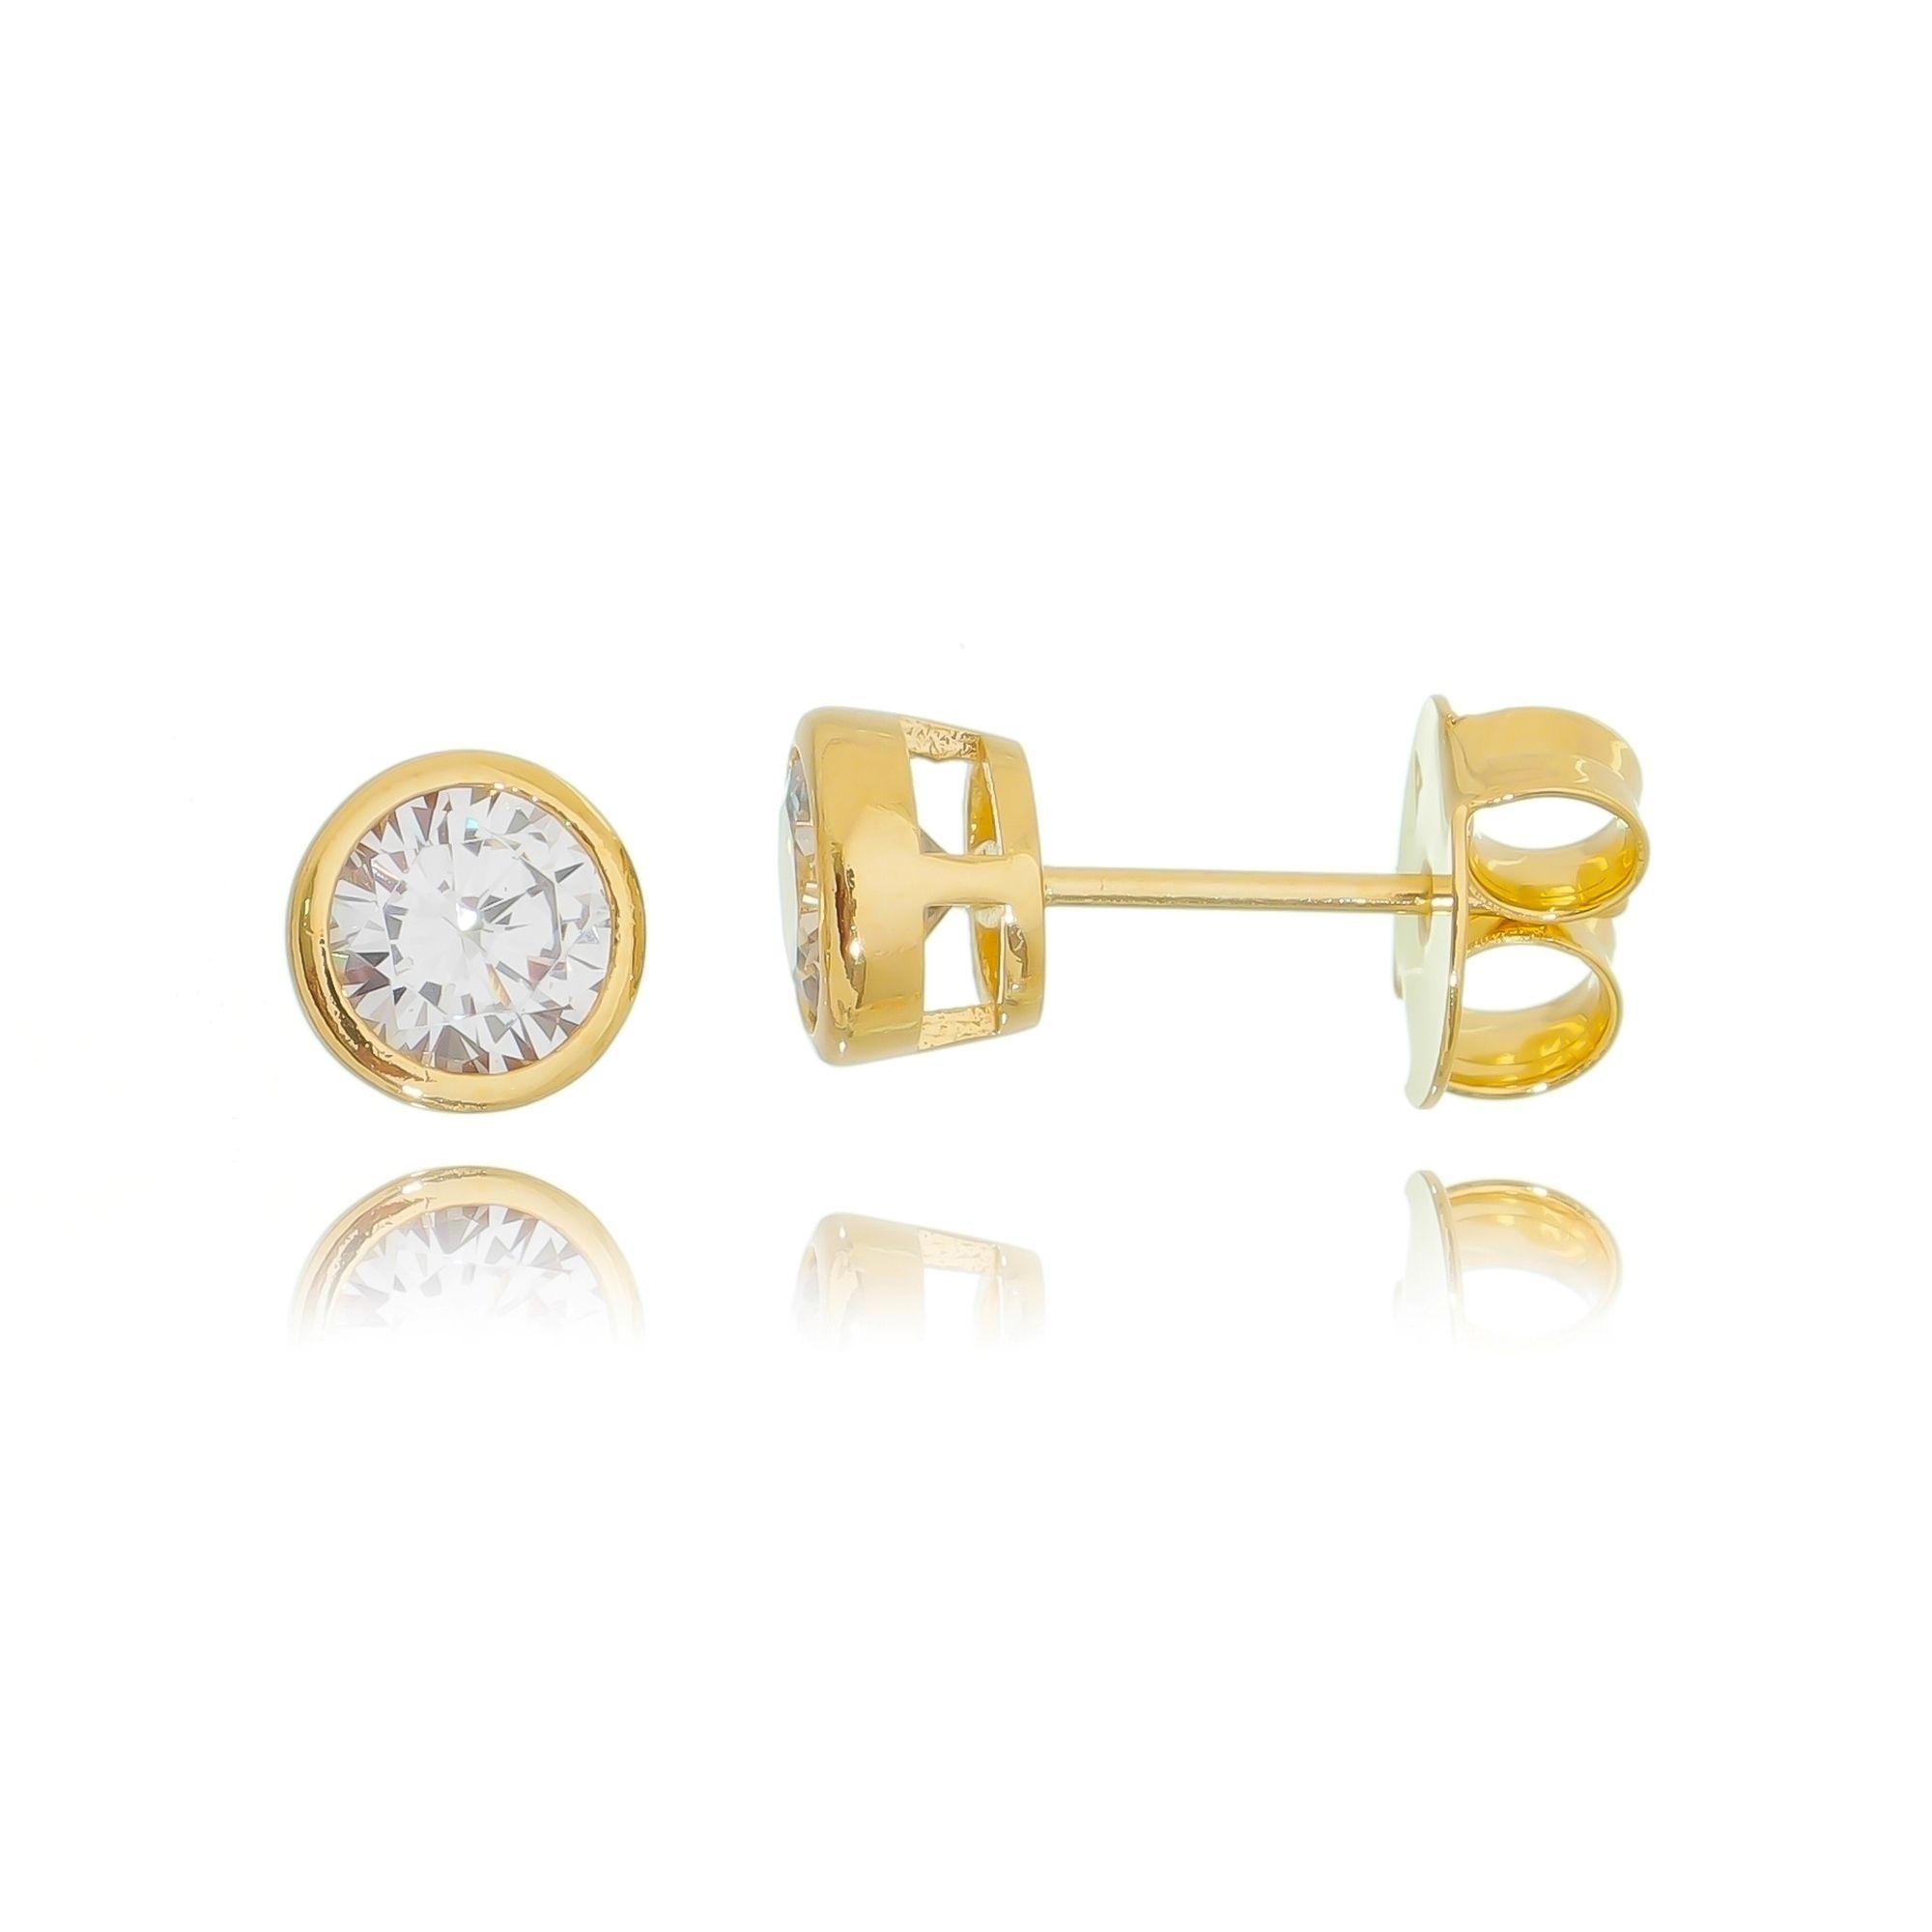 Brinco Ponto de Luz Cravação Inglesa de Zircônia Cristal 6 mm Semijoia Ouro  - Soloyou